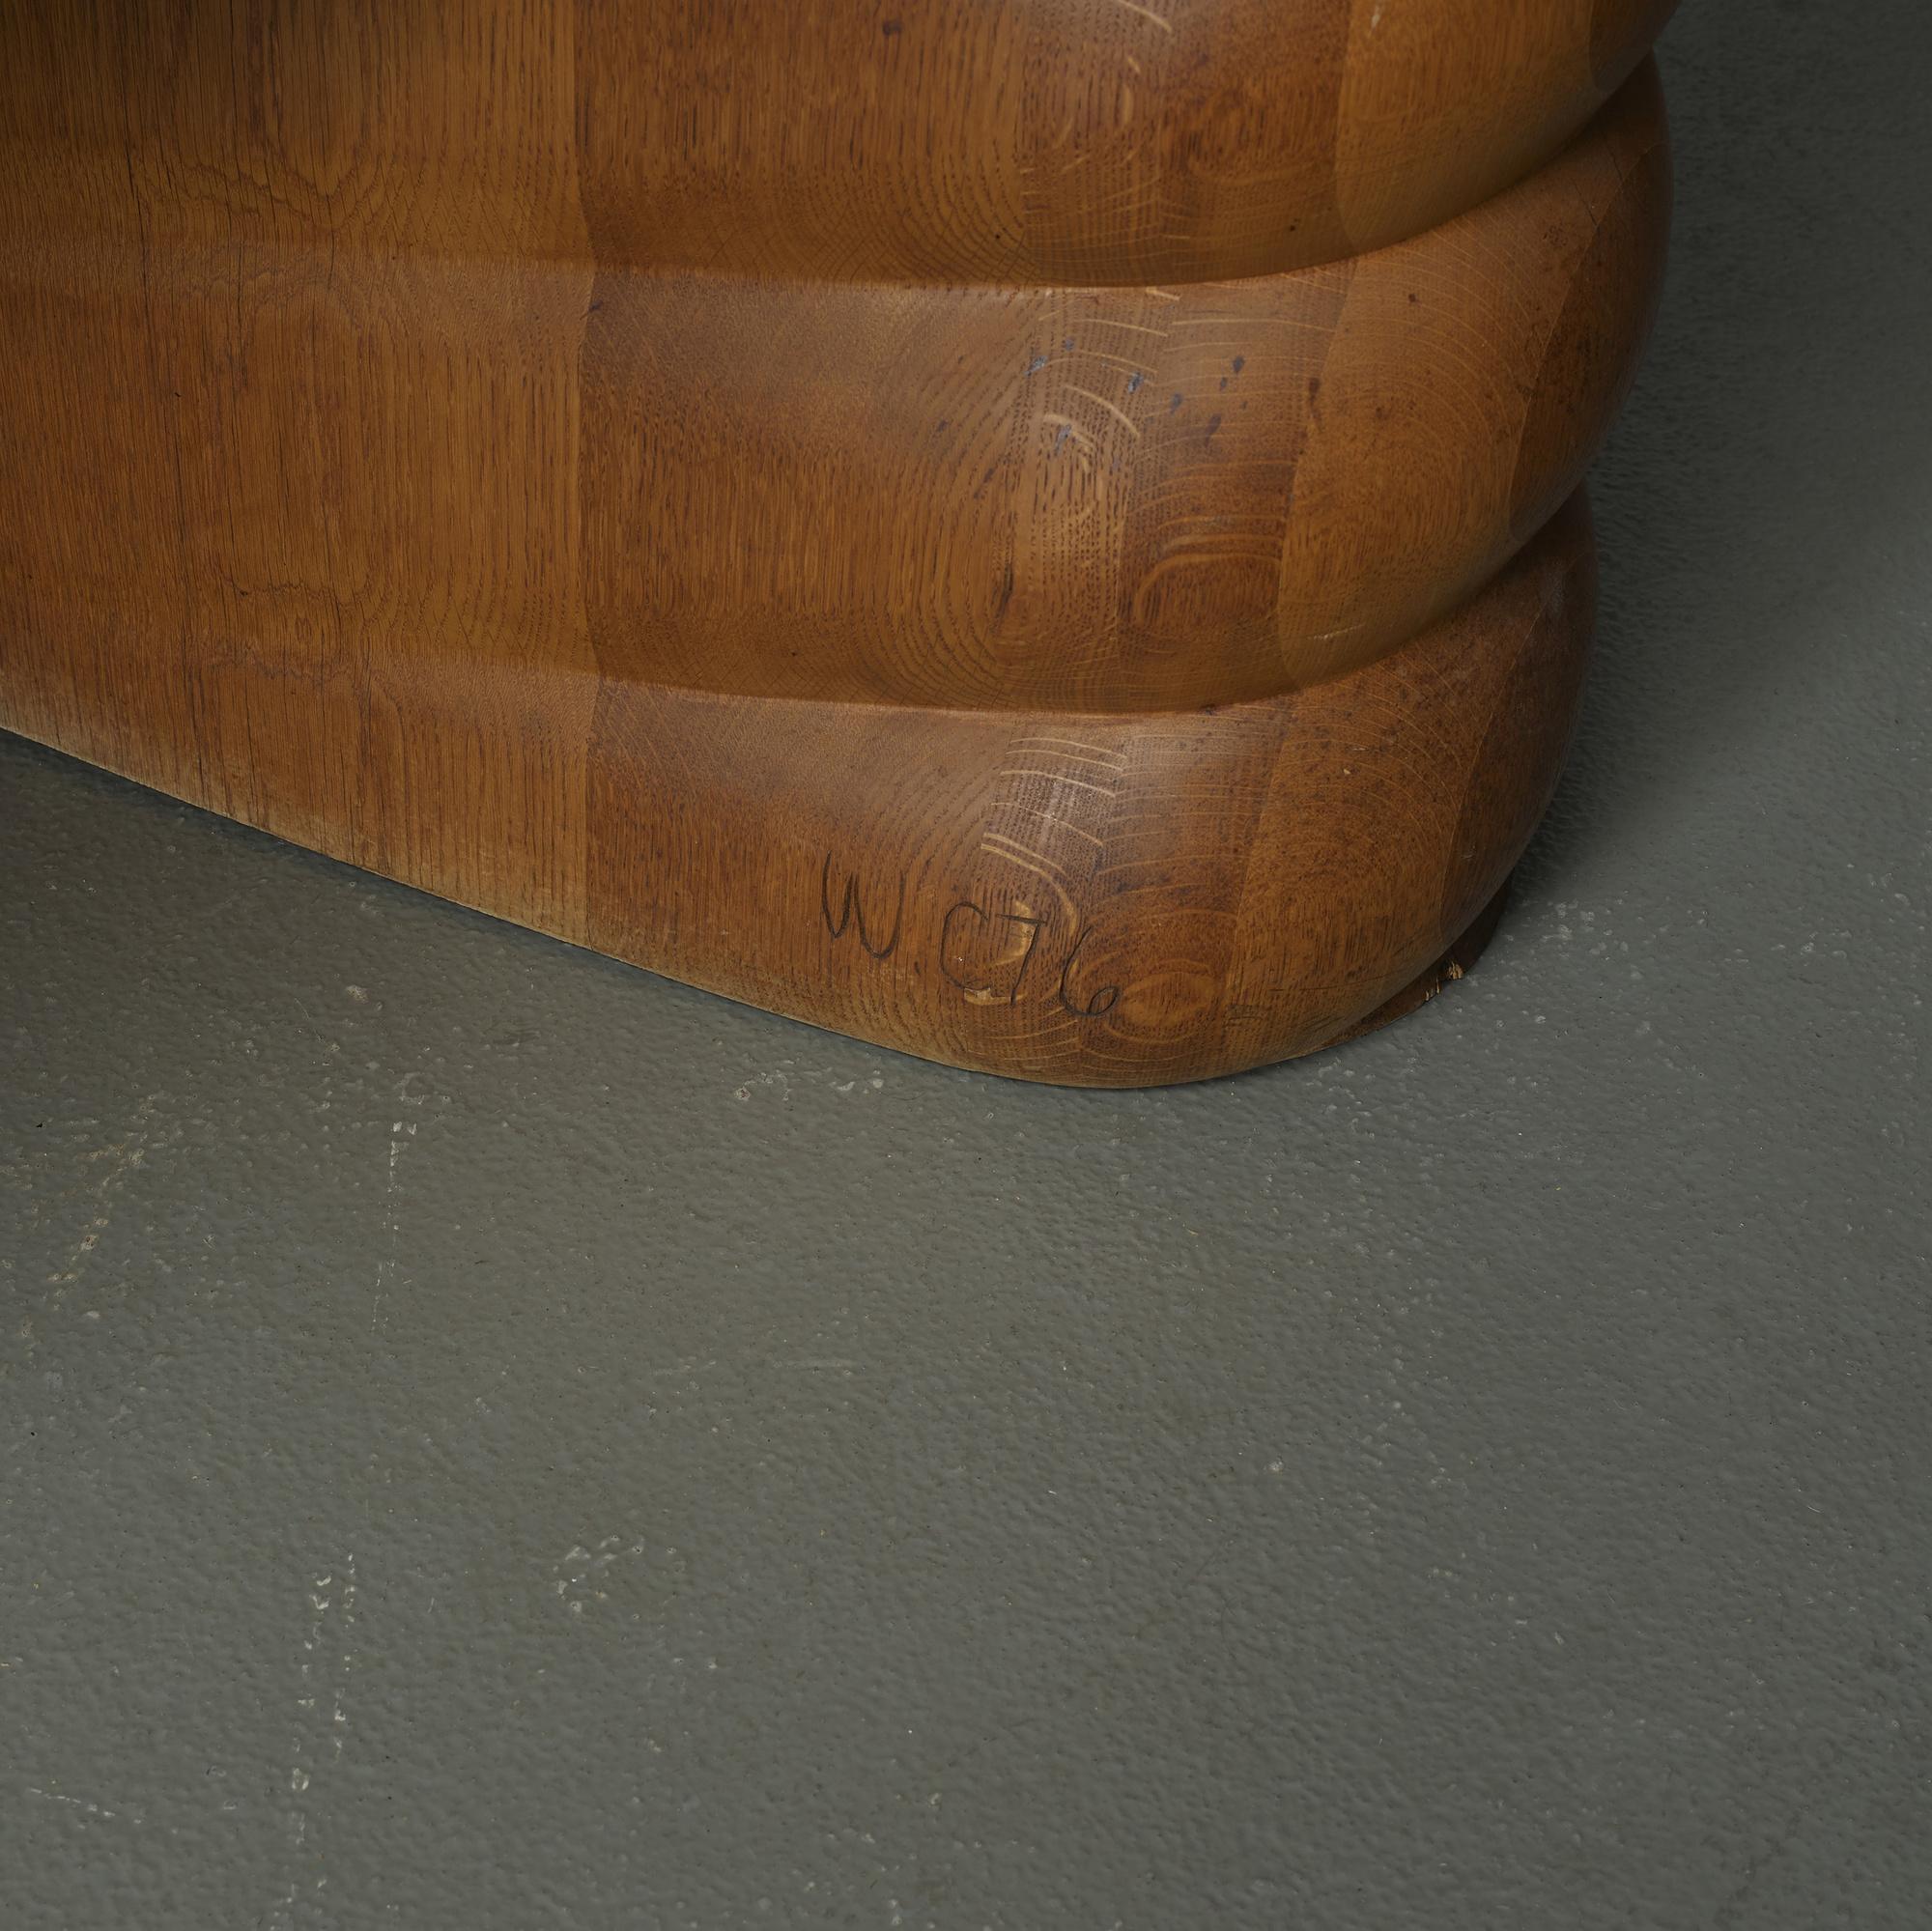 279 wendell castle custom quinn desk 4 of 4